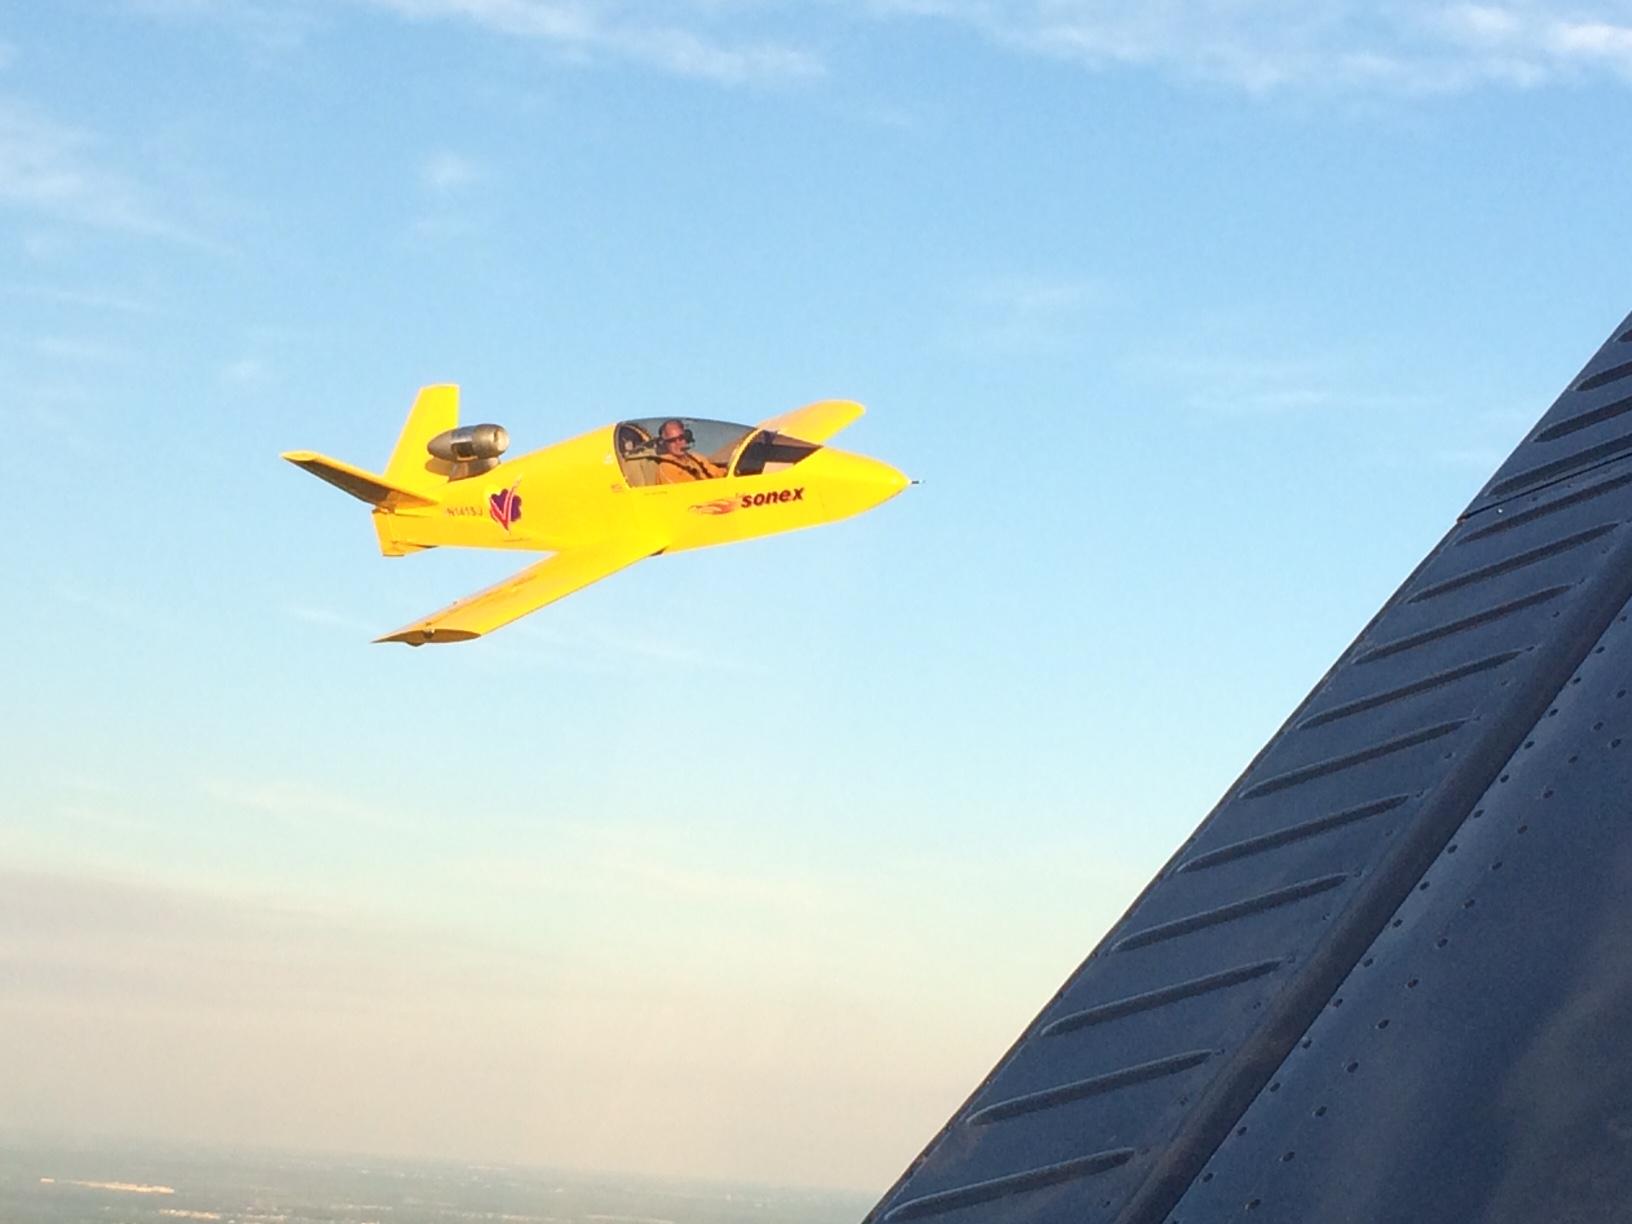 SubSonex Jet Airshow